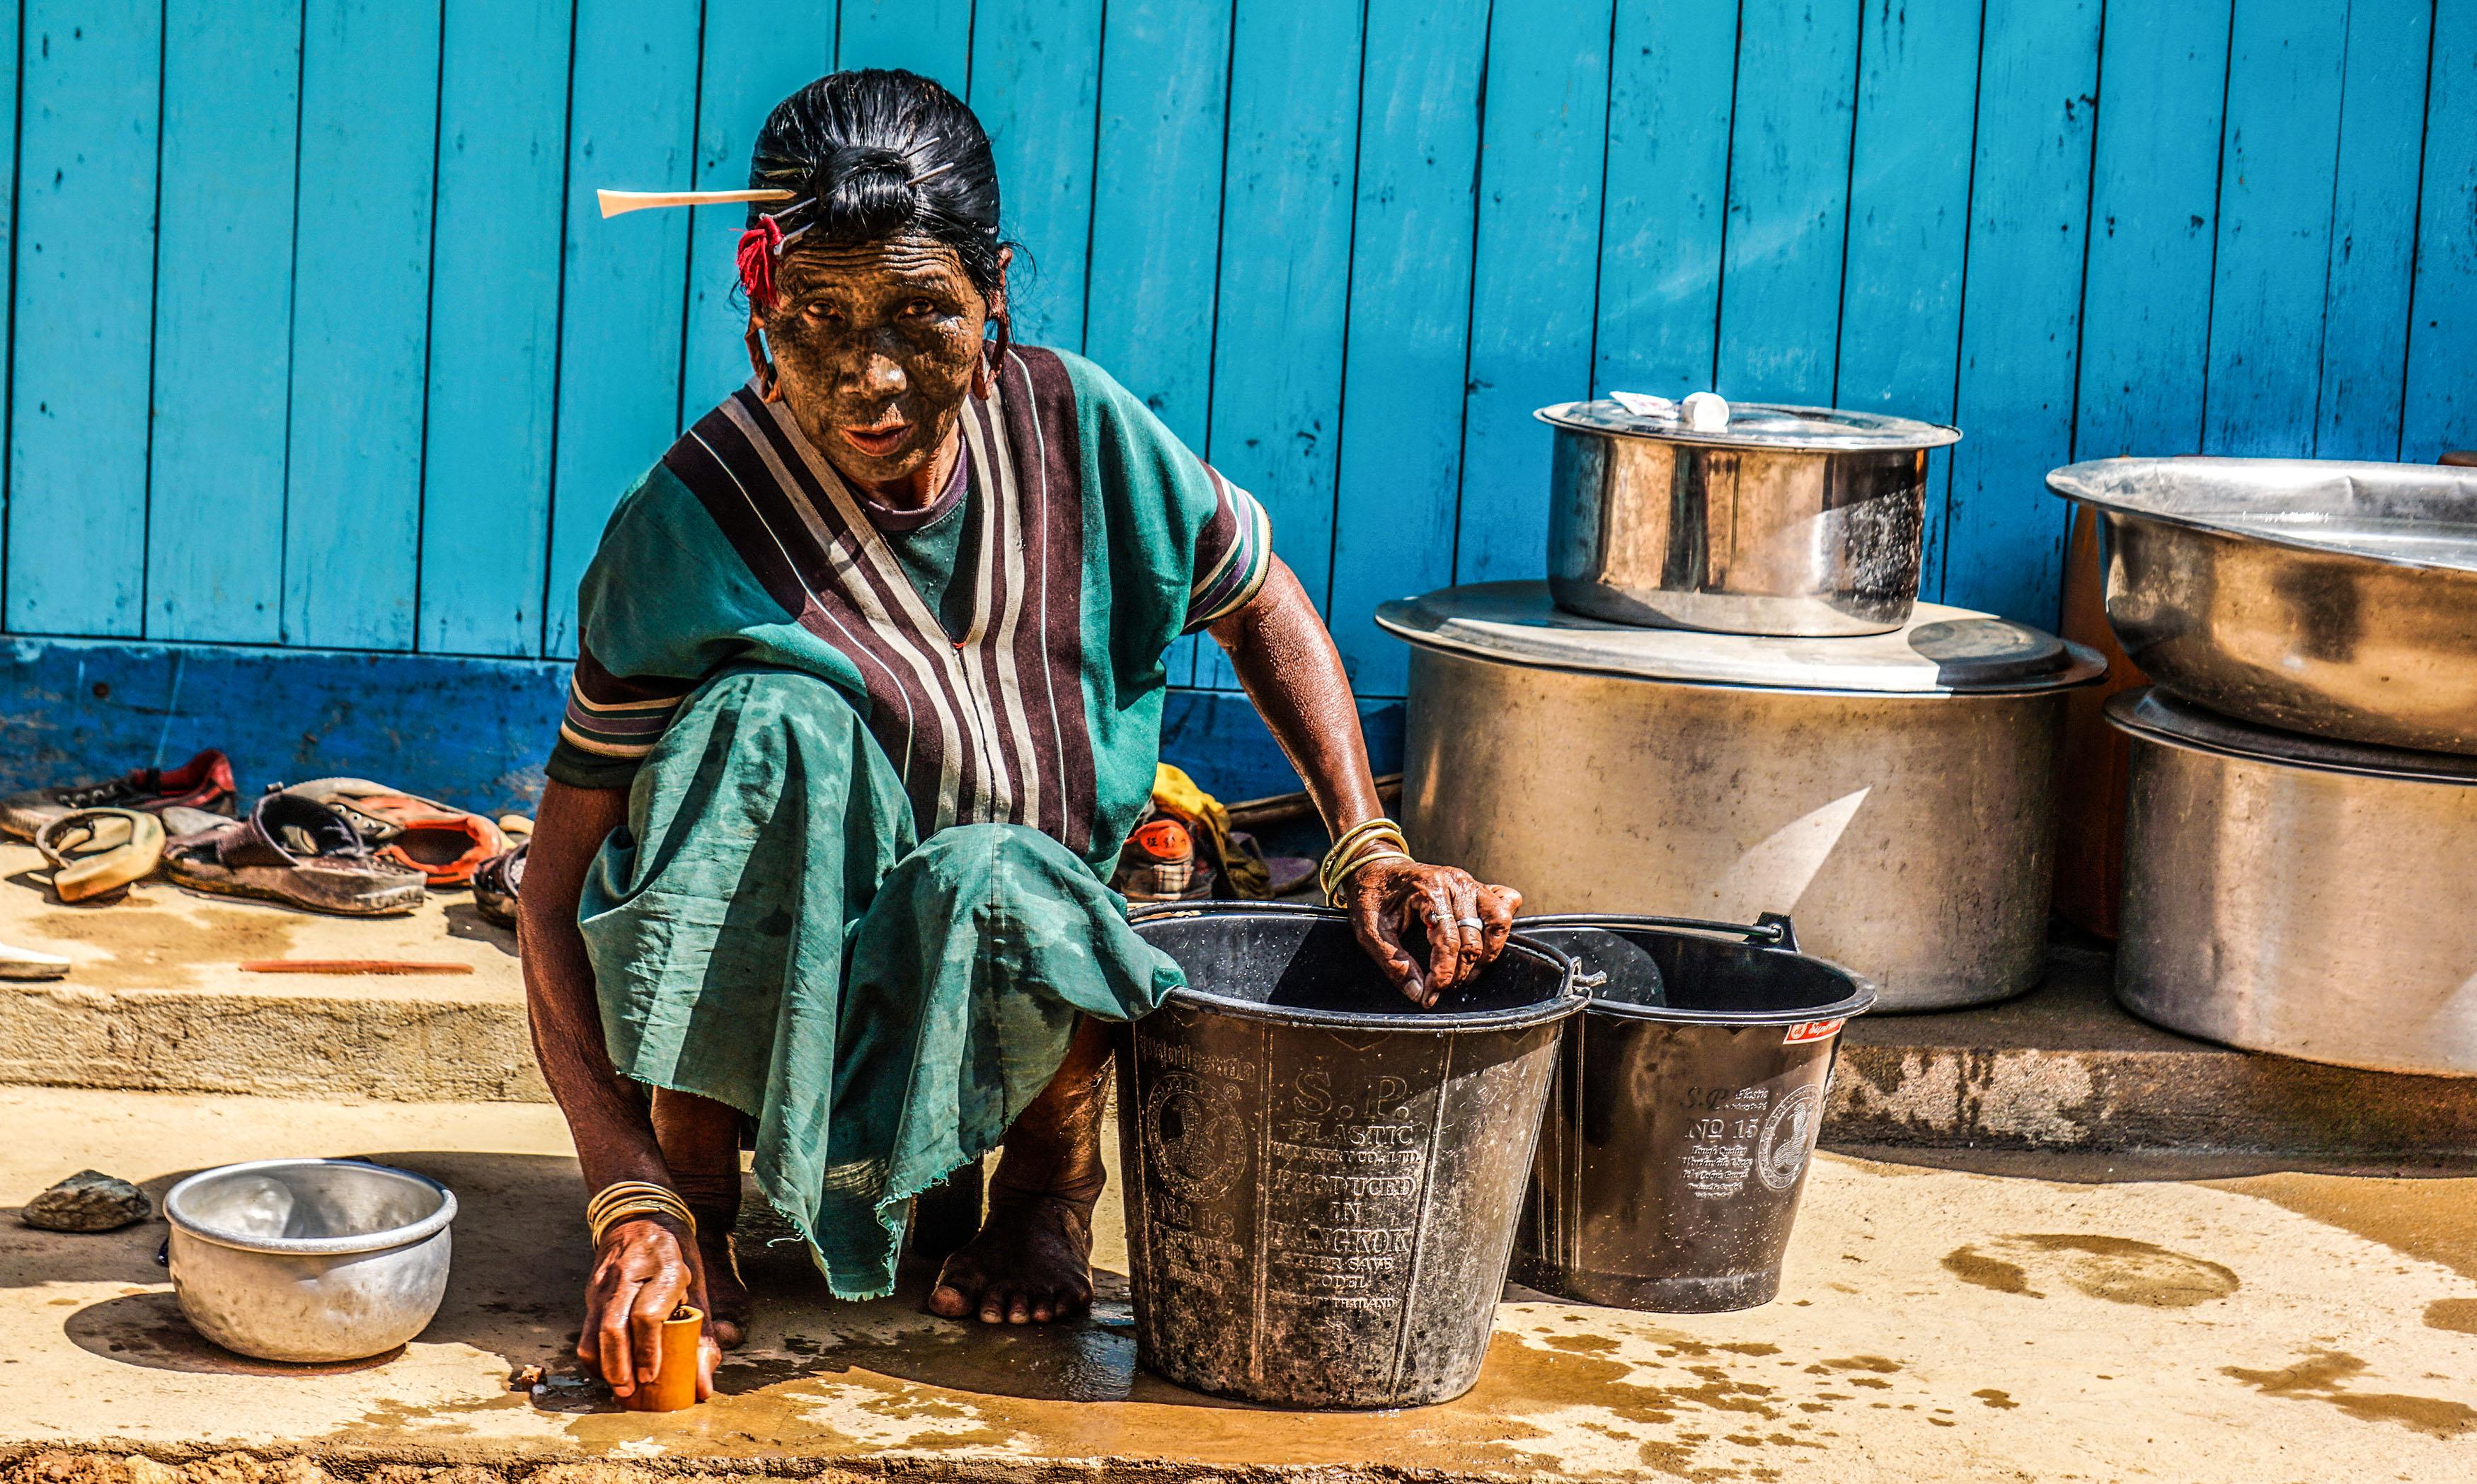 Một người phụ nữ Uppriu đang vệ sinh trang sức của mình.